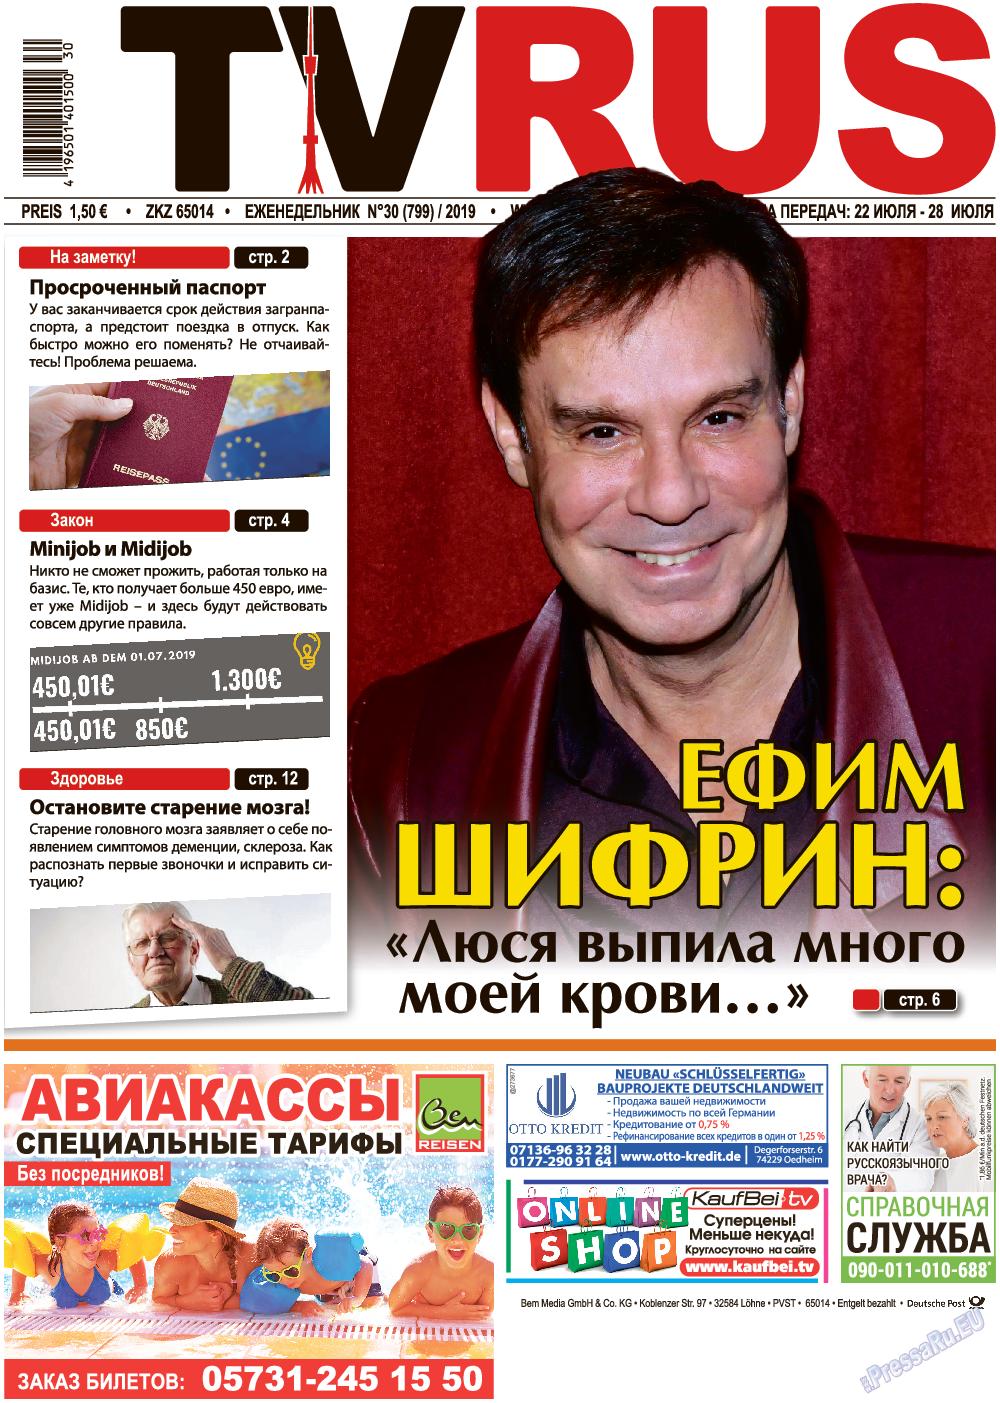 TVrus (газета). 2019 год, номер 30, стр. 1